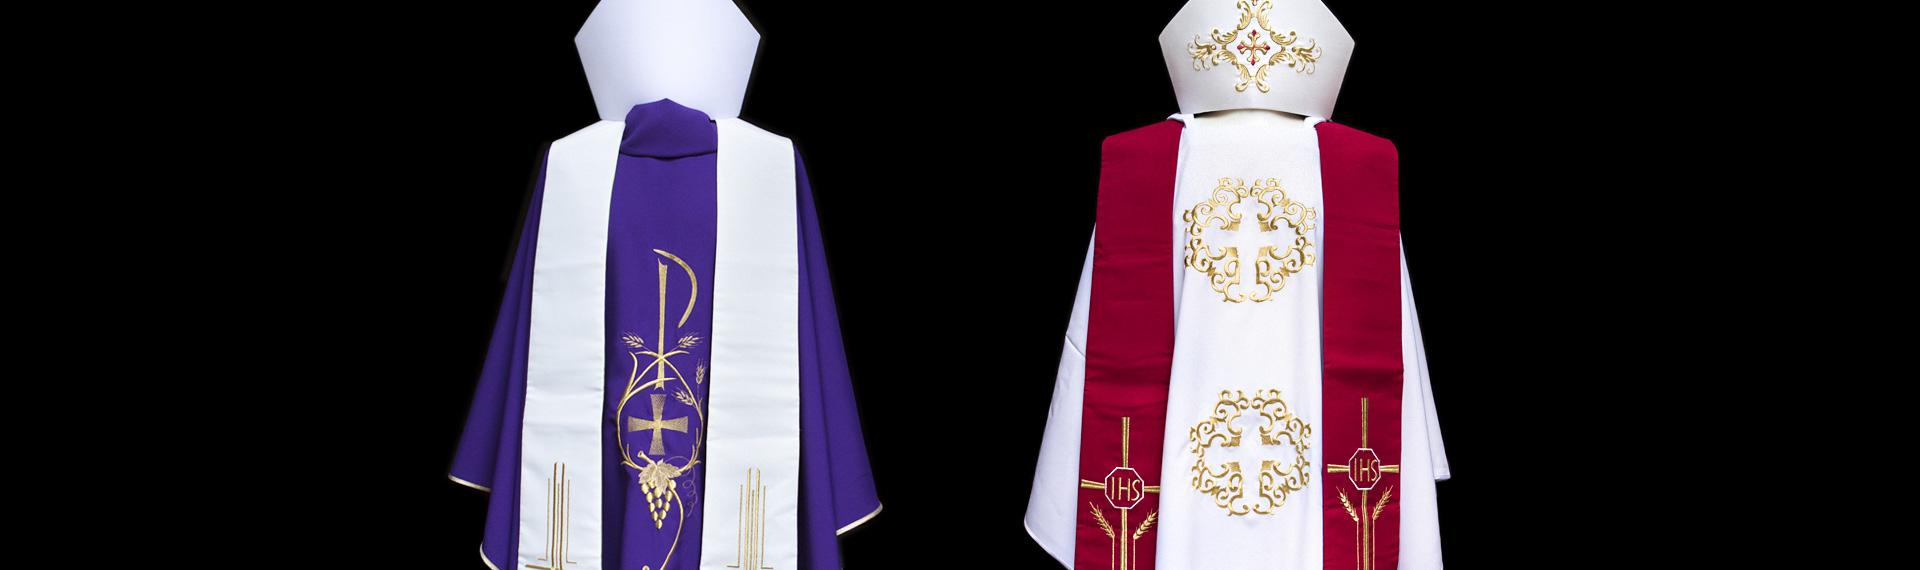 Kolekce symbolů pro církve